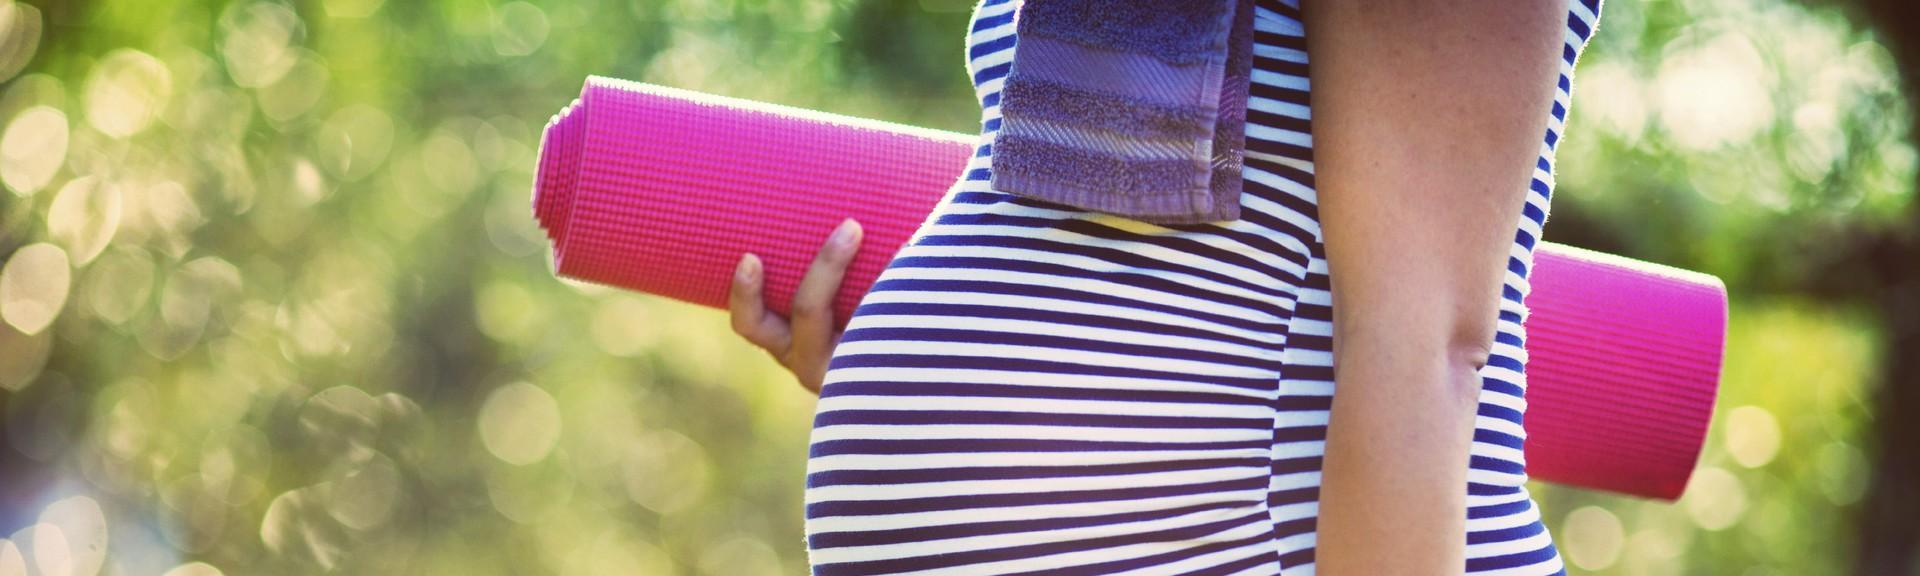 Les bons réflexes pendant la grossesse